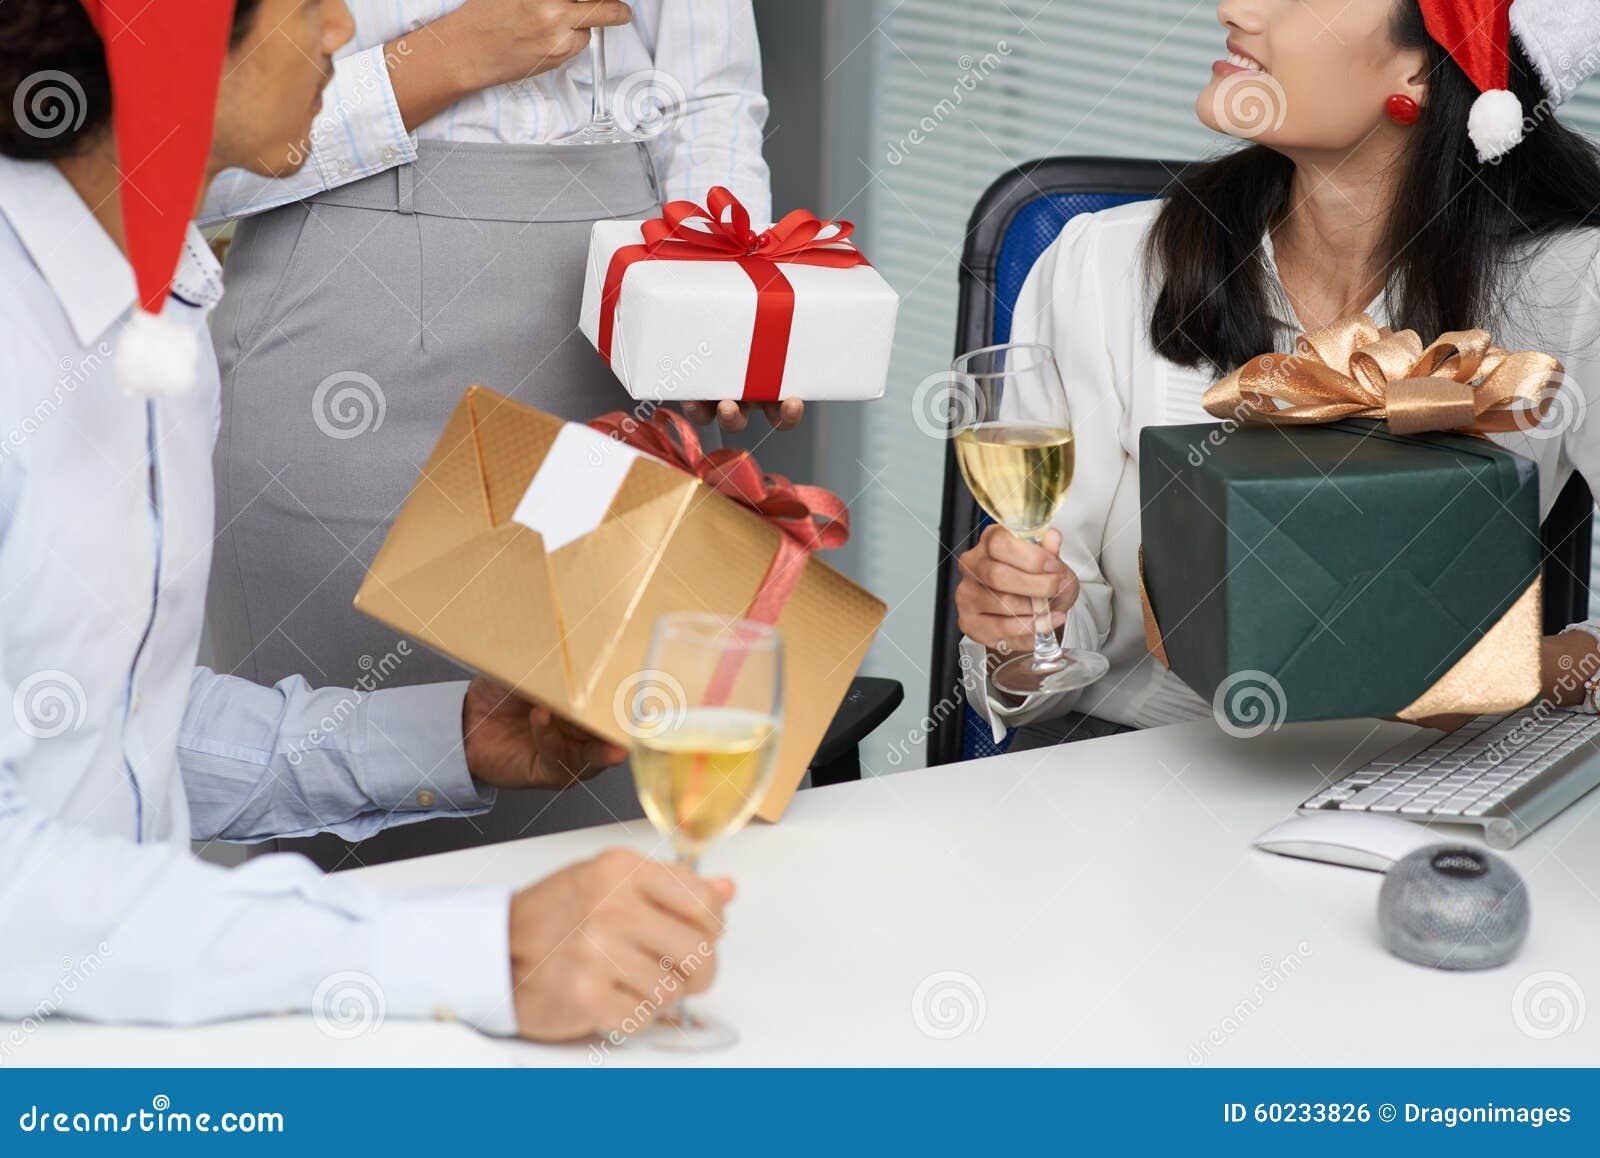 Austausch der Geschenke stockfoto. Bild von männer, geerntet - 60233826